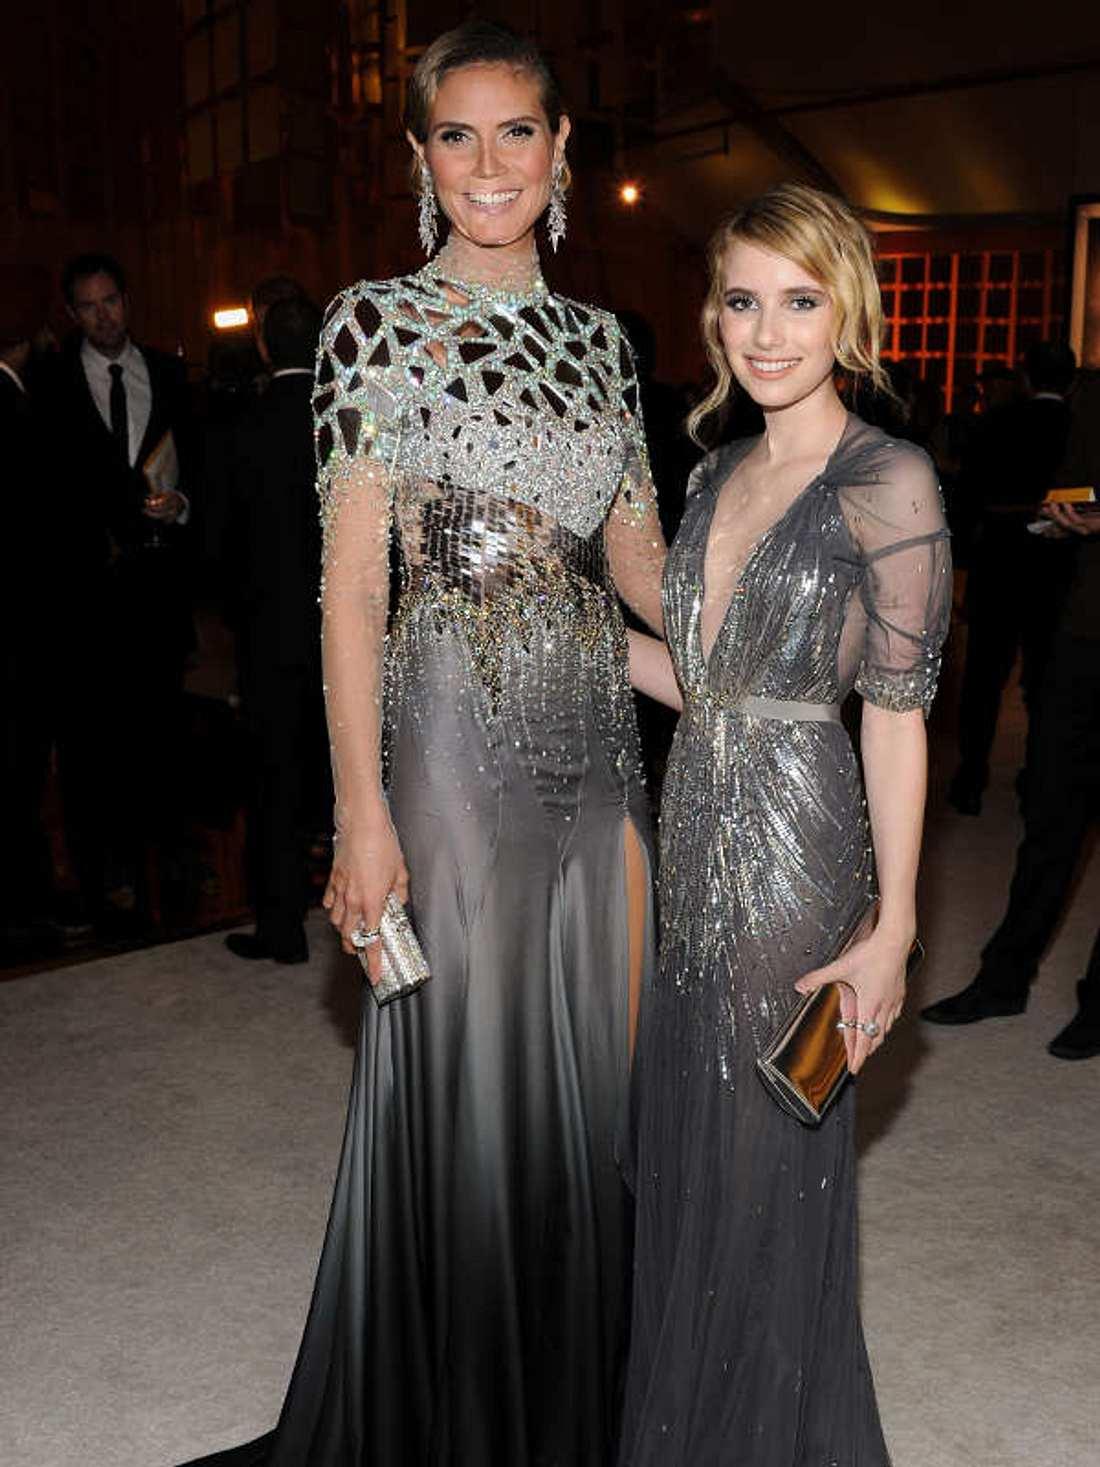 Die Oscar-Verleihung 2011: Die Partys danach - Bild 1